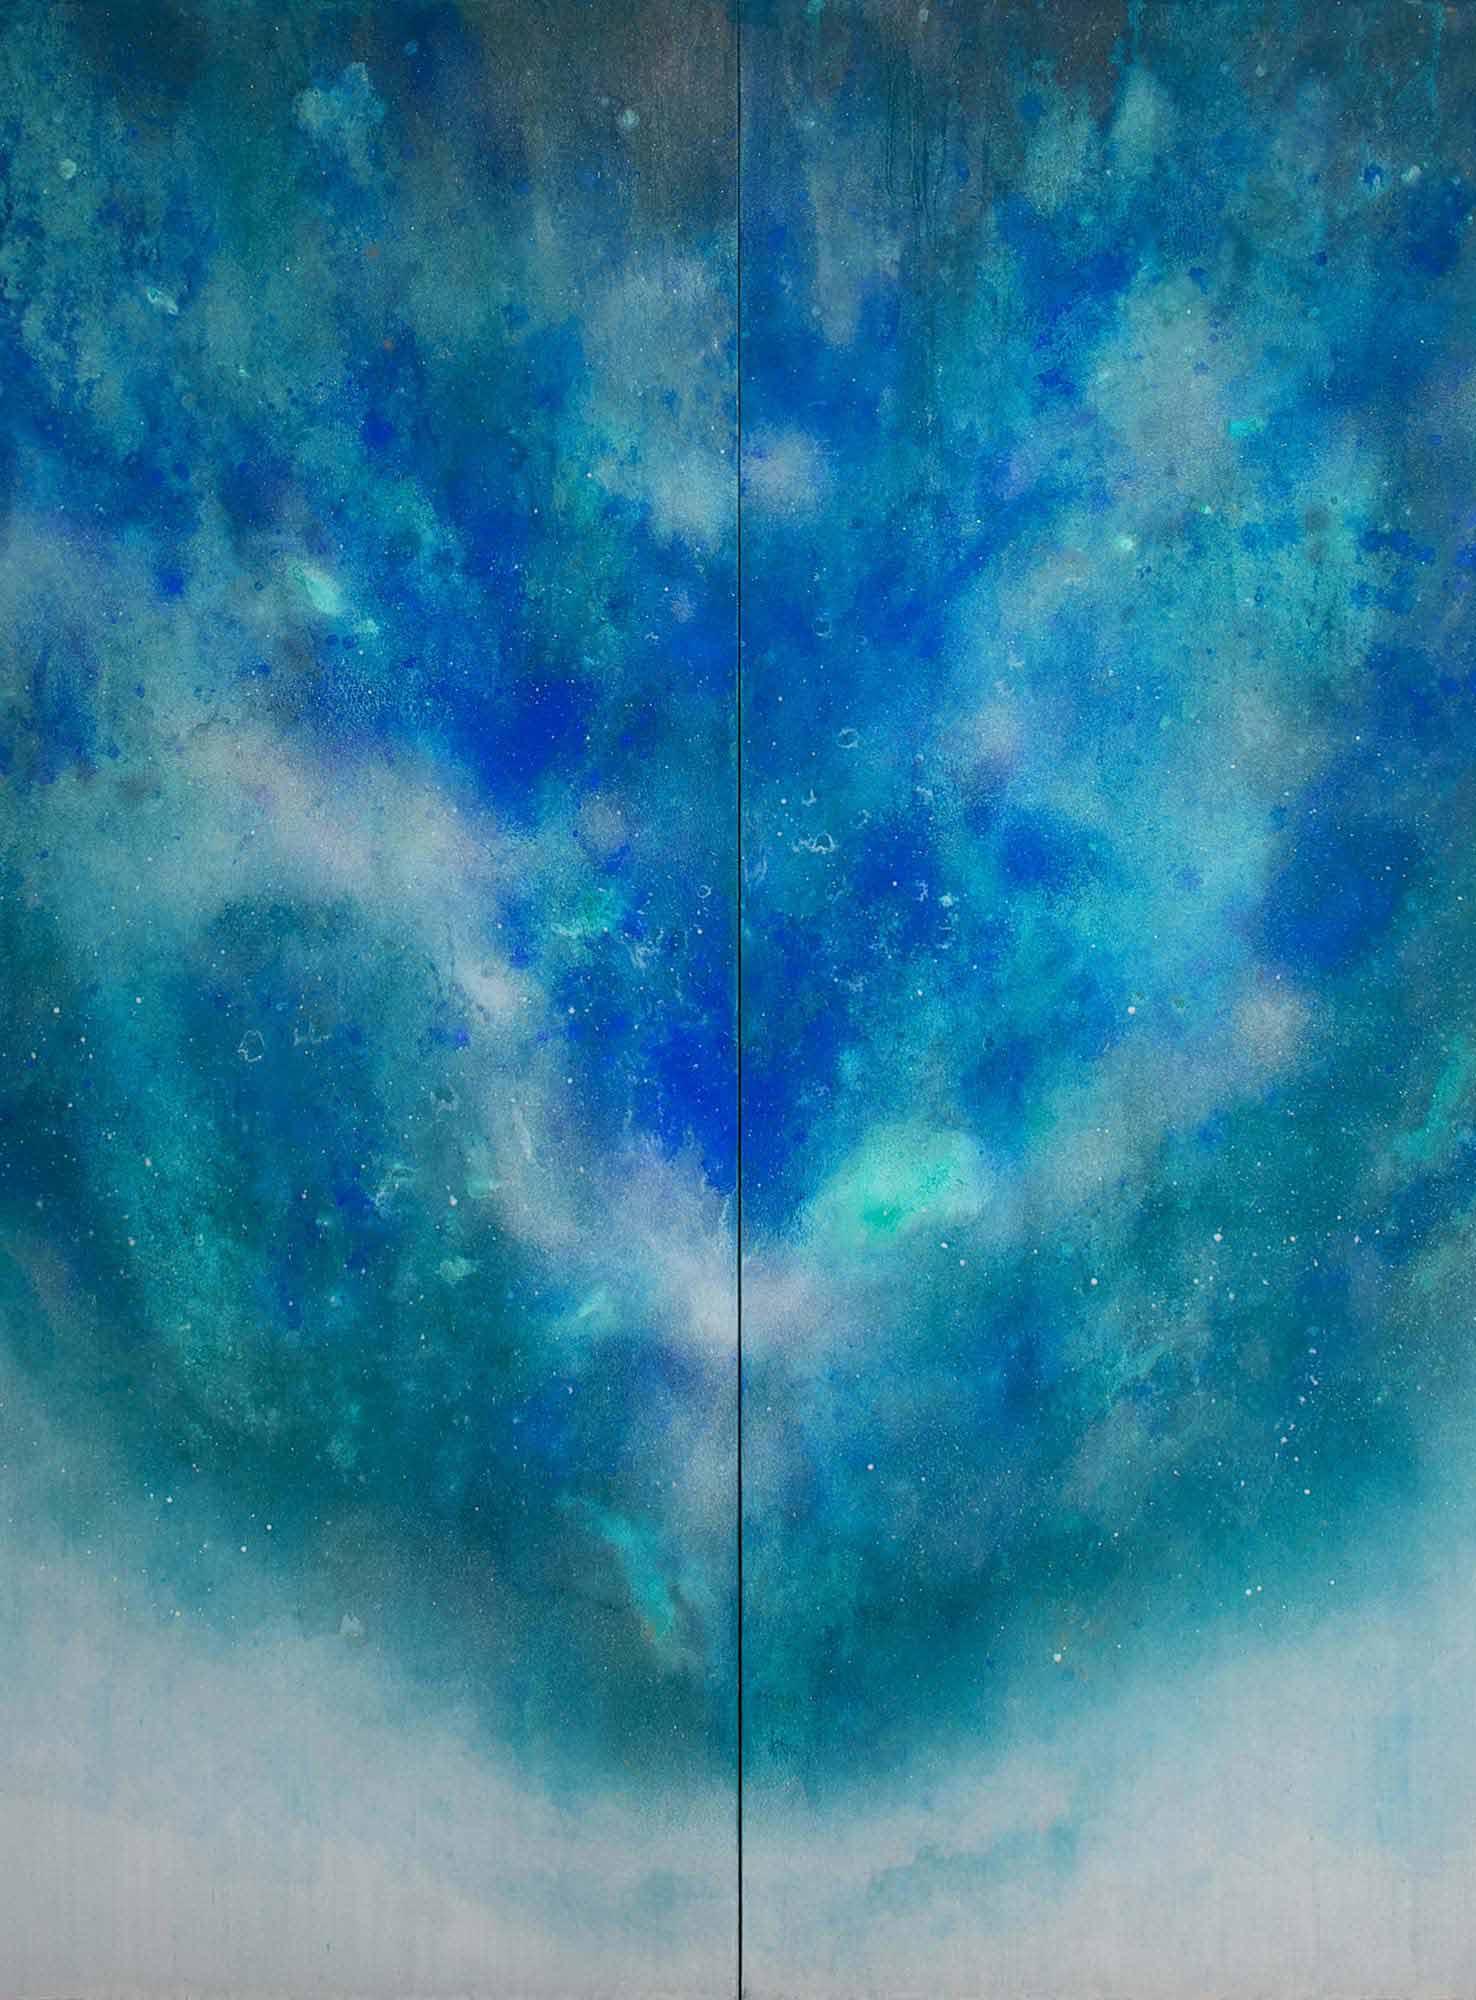 Remnants of Blue(2017)